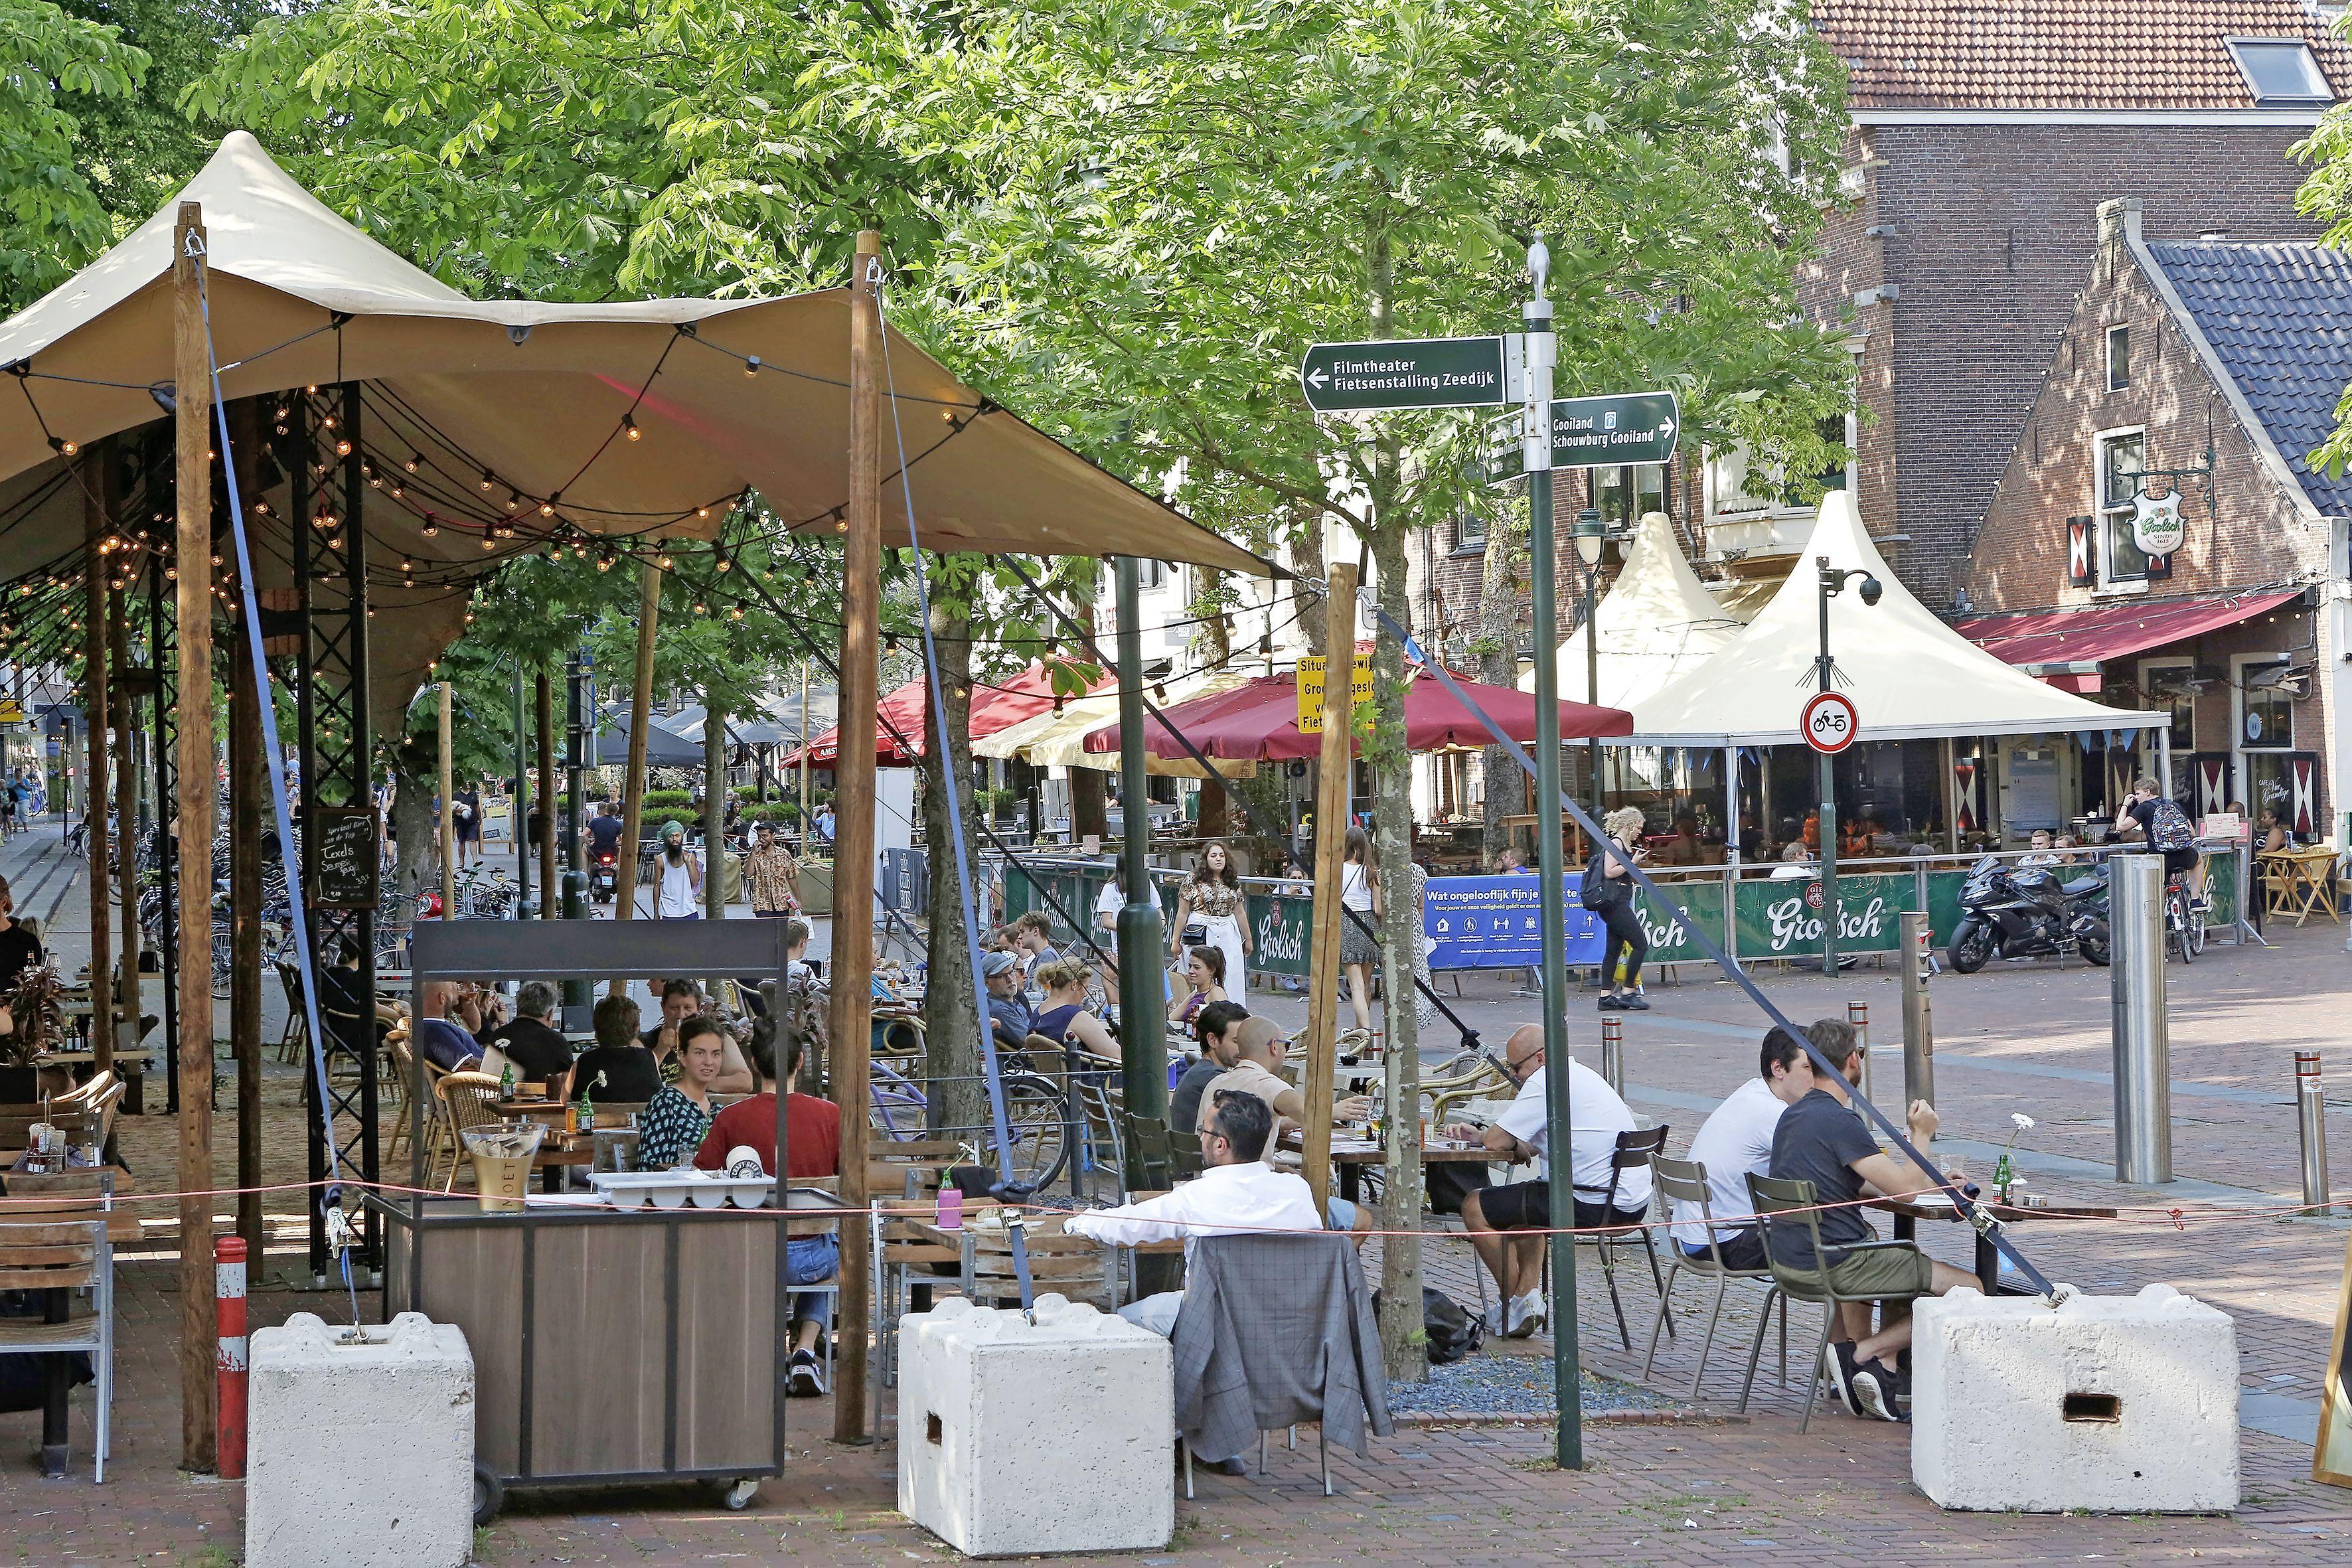 Winkeliers en horecaondernemers in Hilversum hoeven ook in 2021 niet te dokken voor hun terras, luifel, reclamebord of vaste standplaats